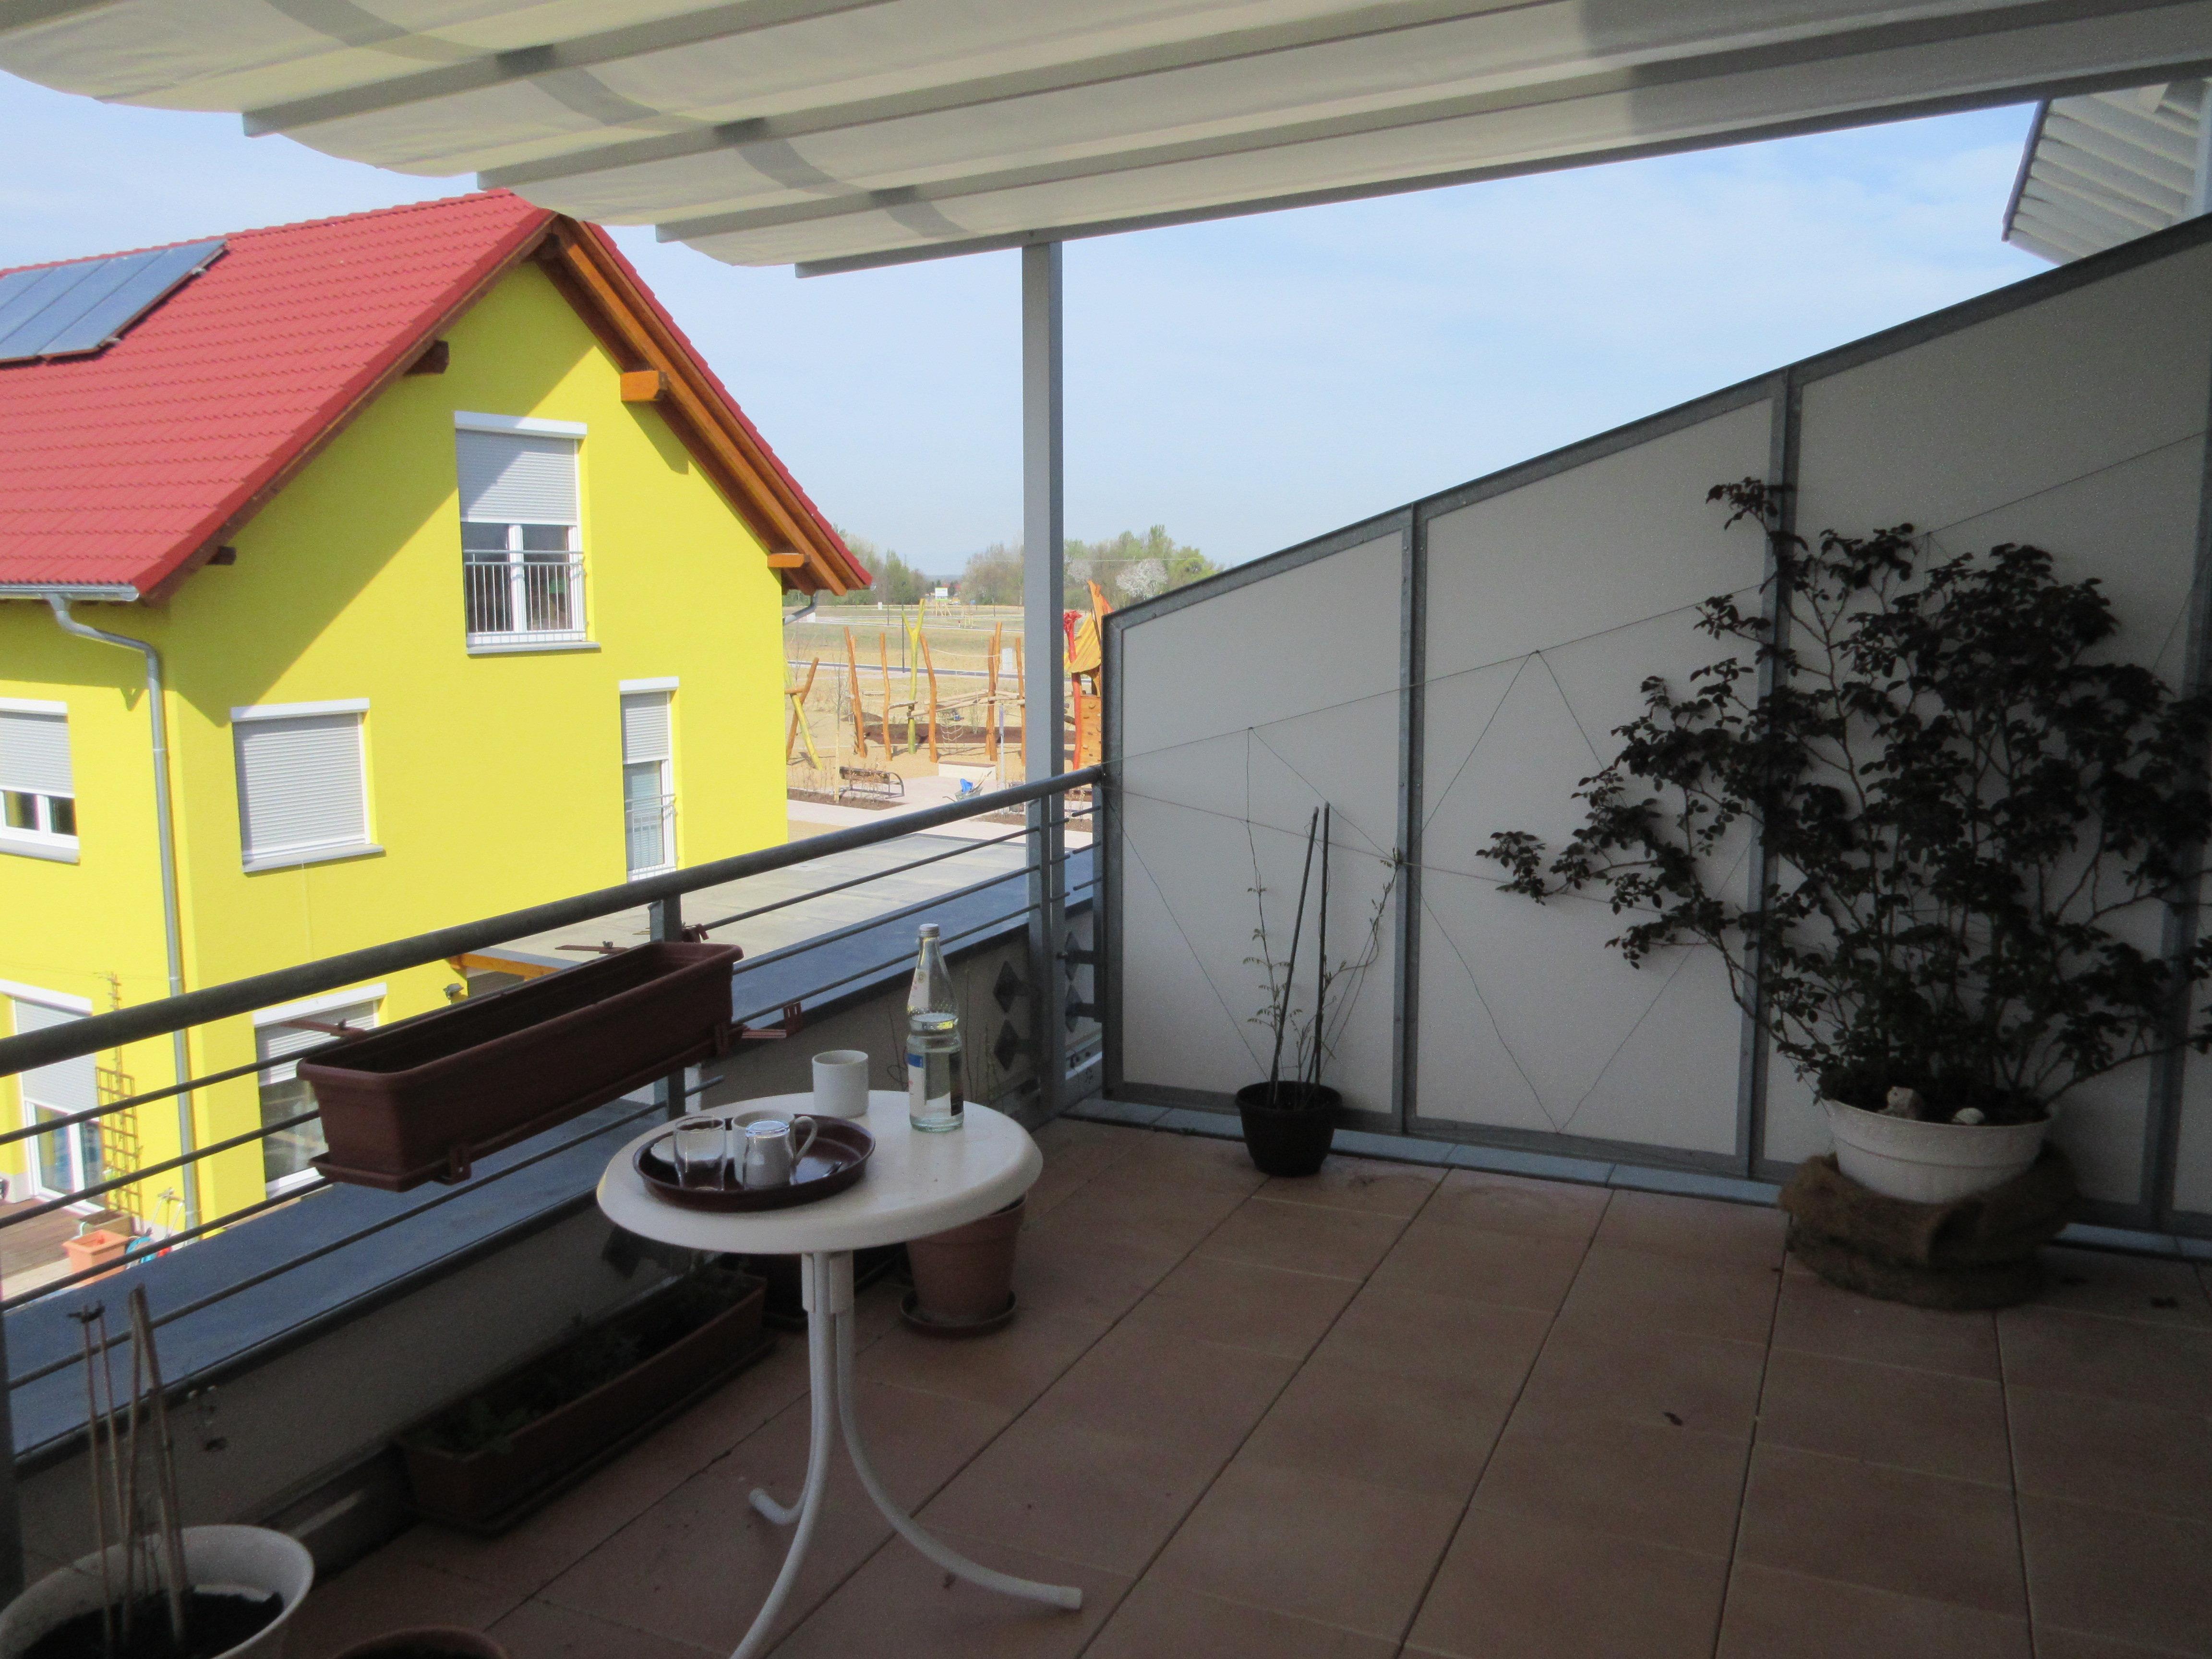 Brilliant Sonnenschutz Dachterrasse Referenz Von 8896 Storen (2)